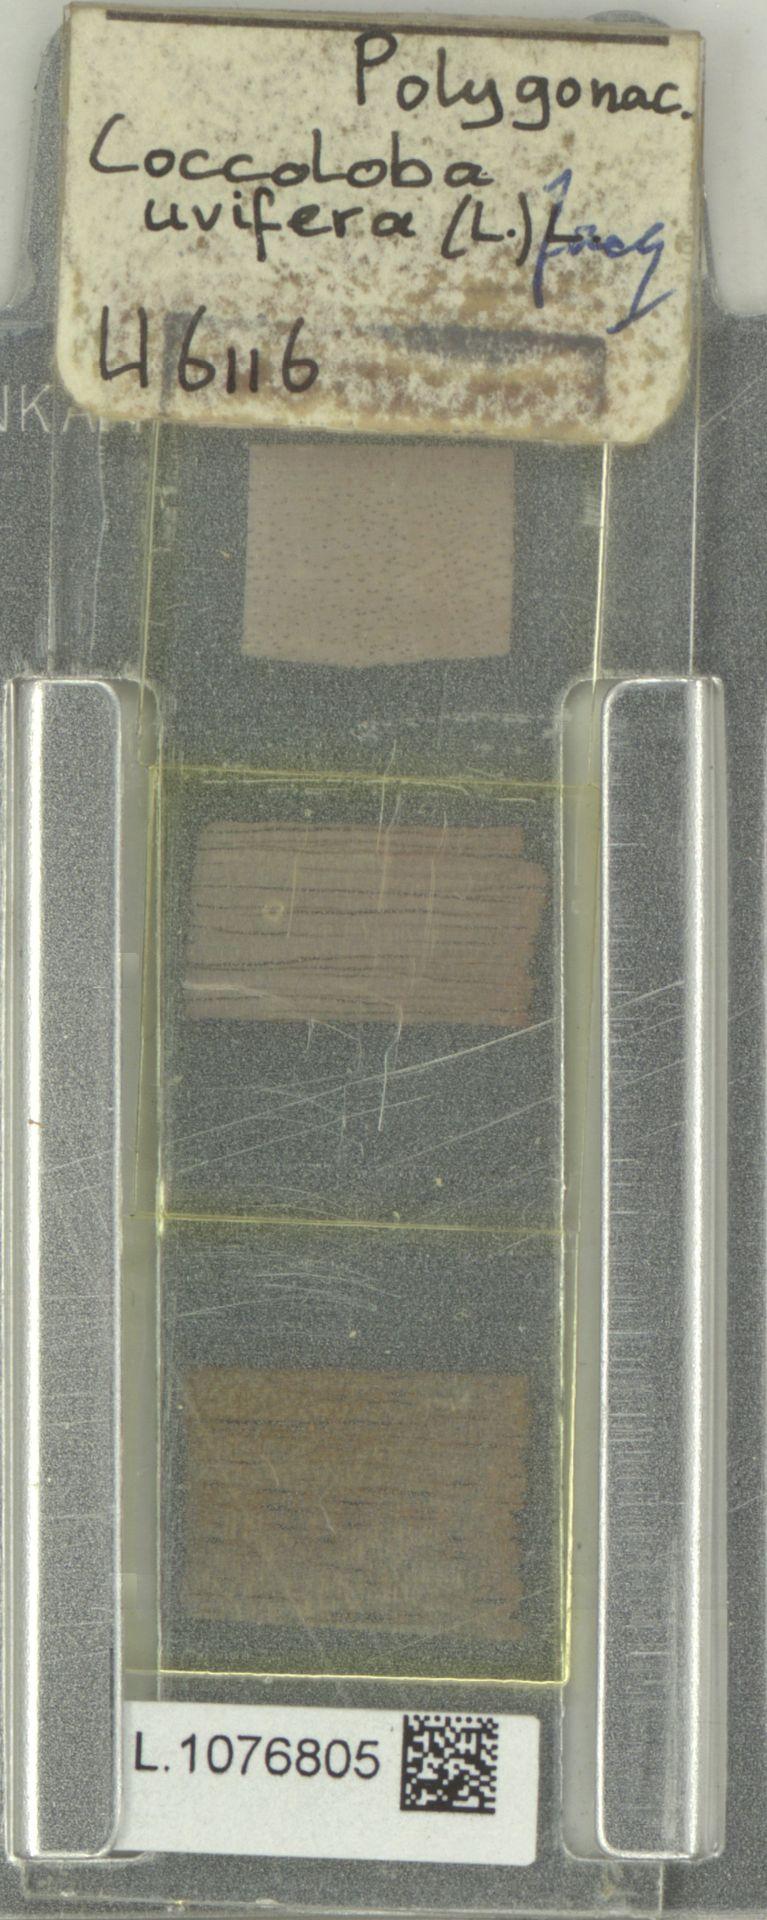 L.1076805 | Coccoloba uvifera (L.) L.